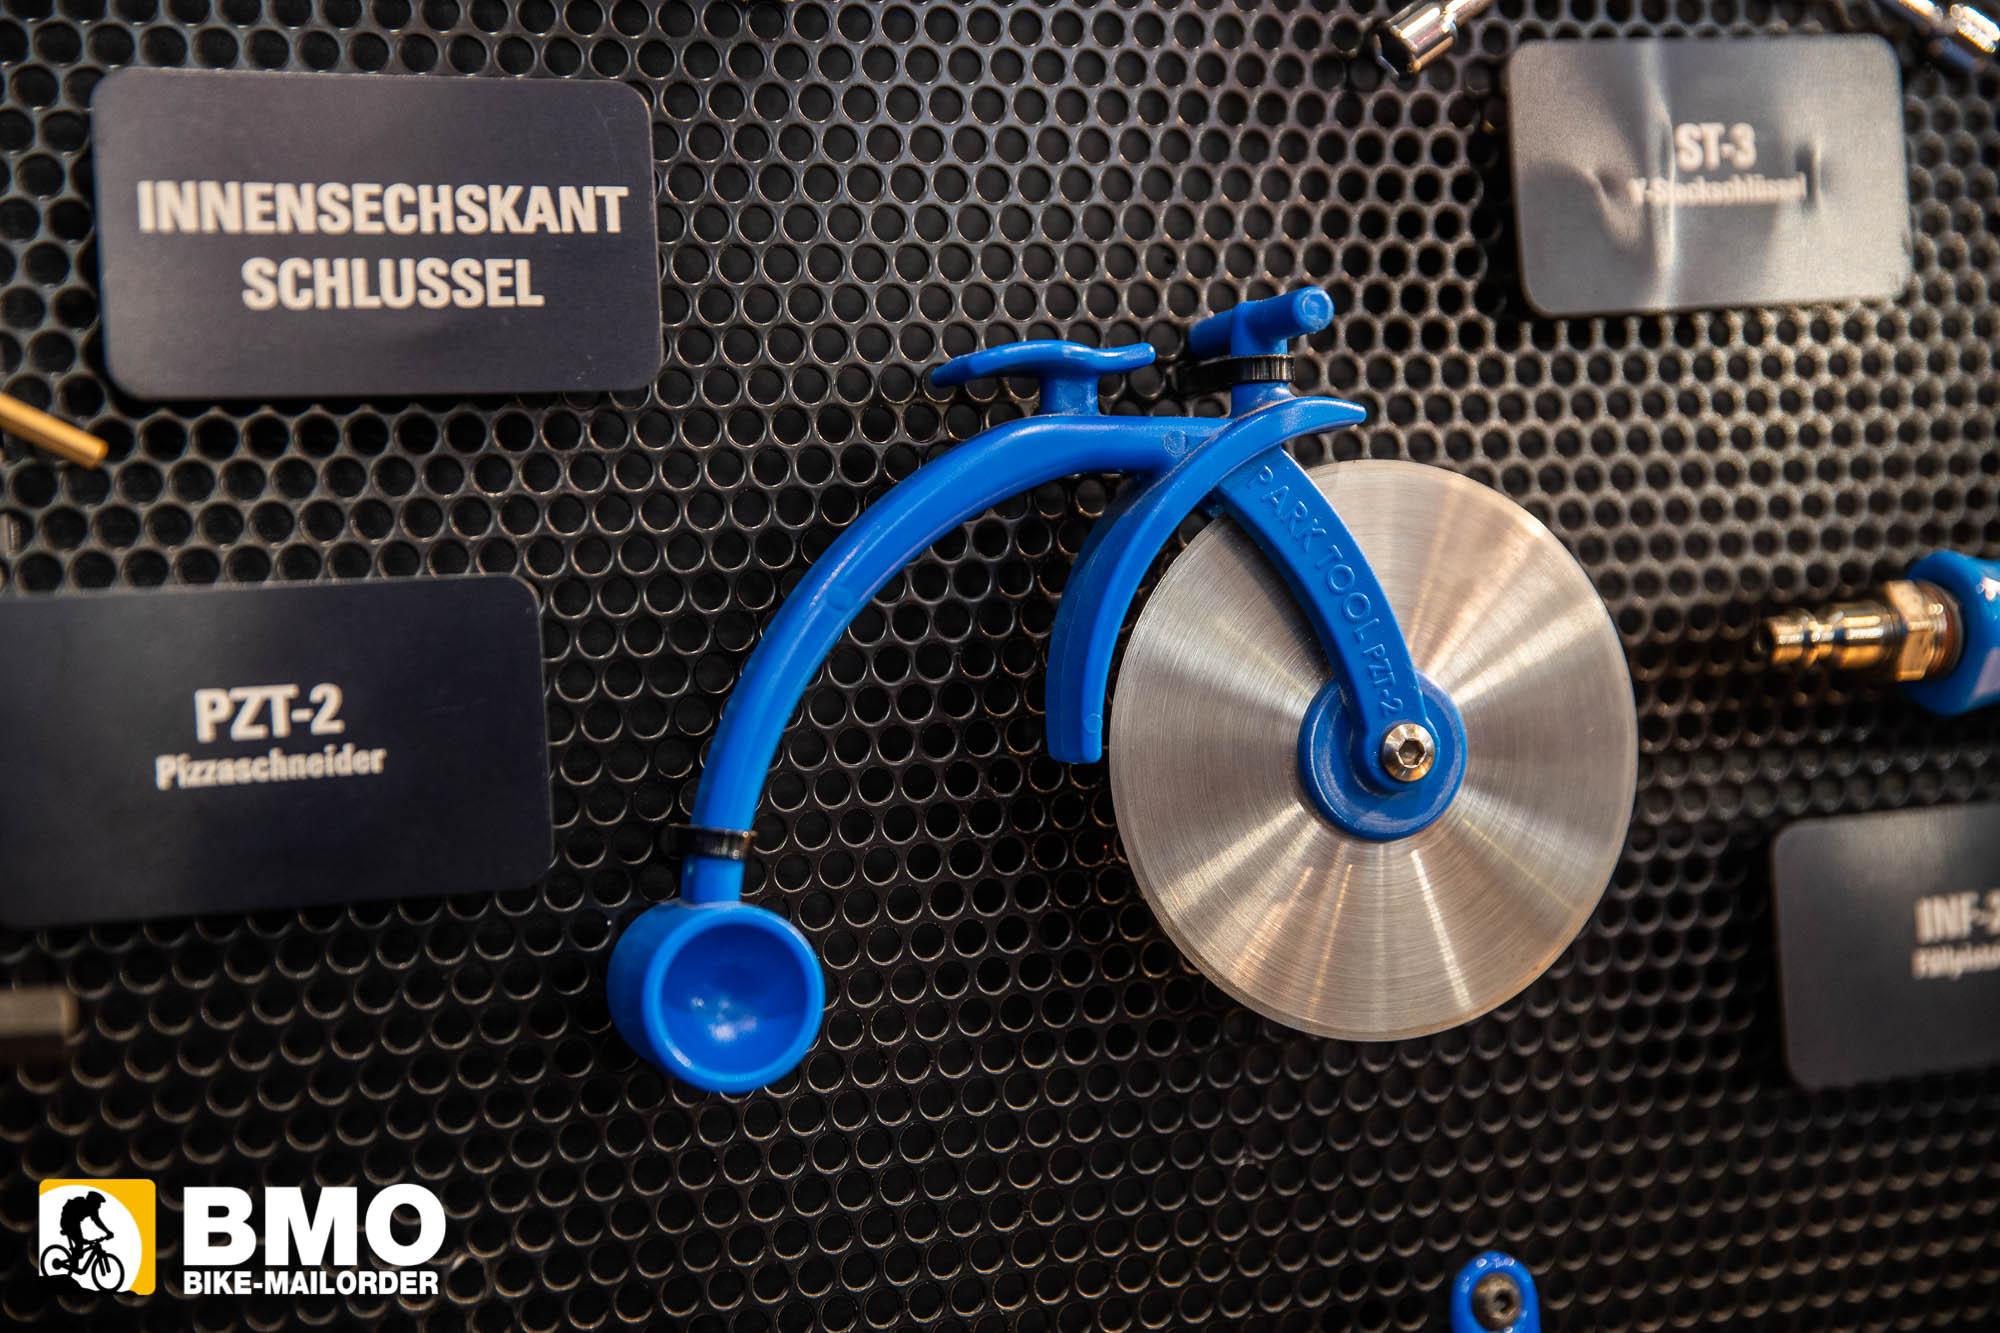 Bike-Mailorder_eurobike-2019-15